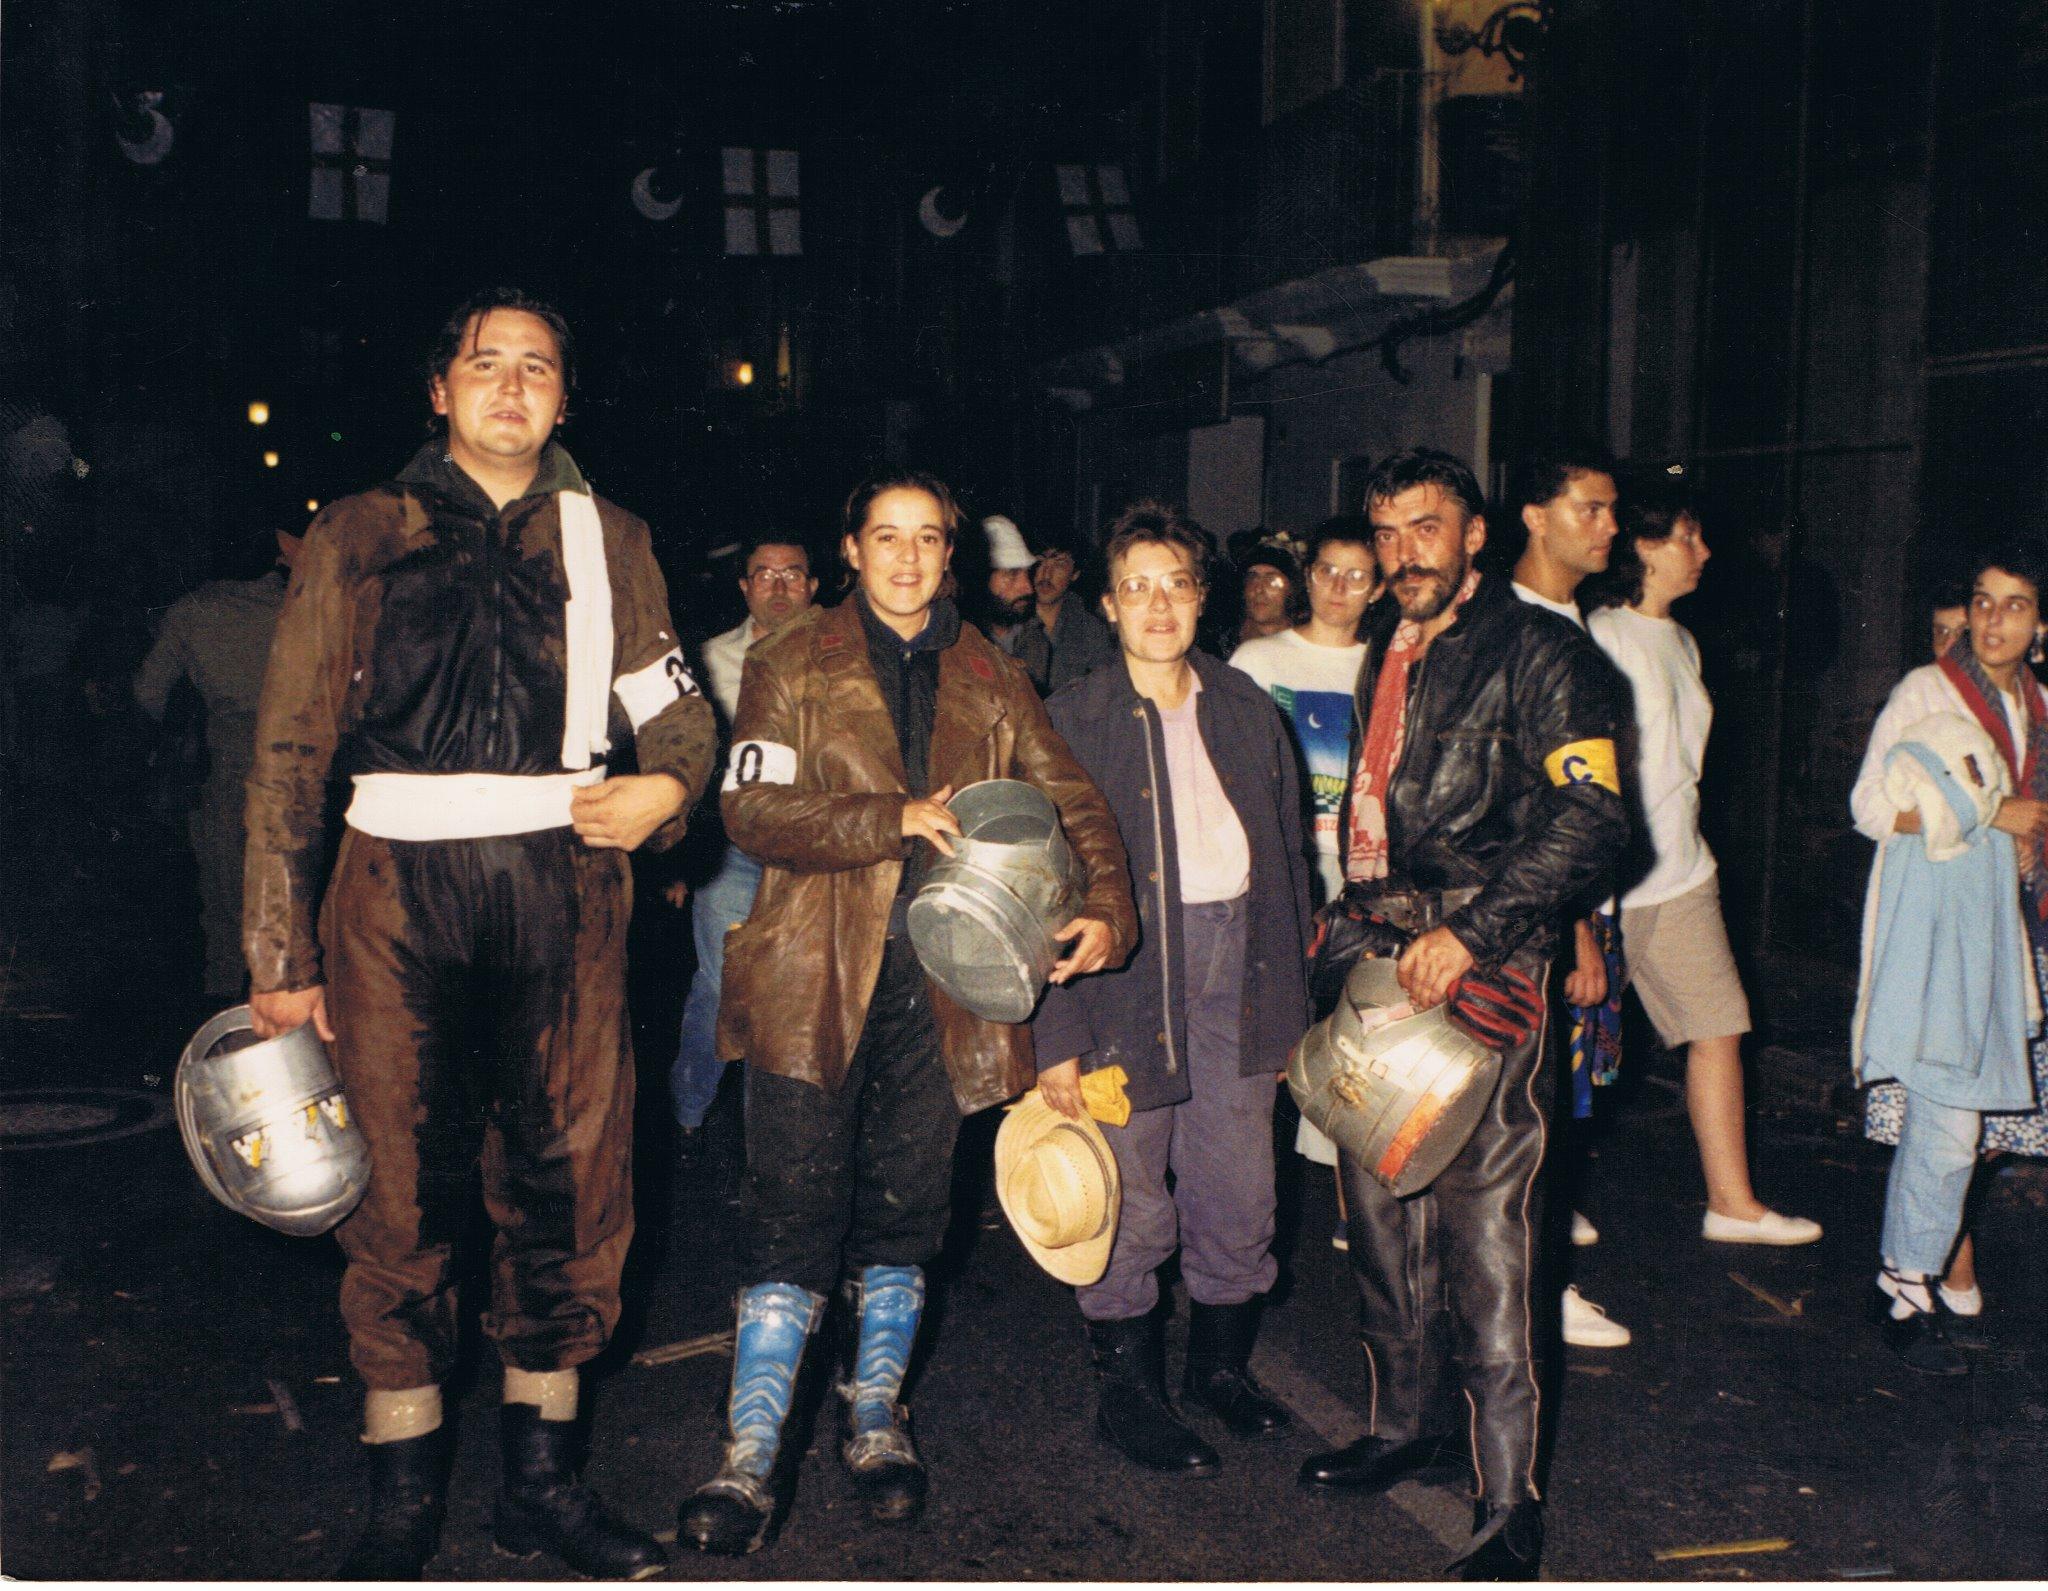 """""""Geles"""", fue la primera cuetera en Paterna. En la foto aparece la segunda por la izquierda junto a vecinos de la misma localidad. Fuente: Paternateca"""